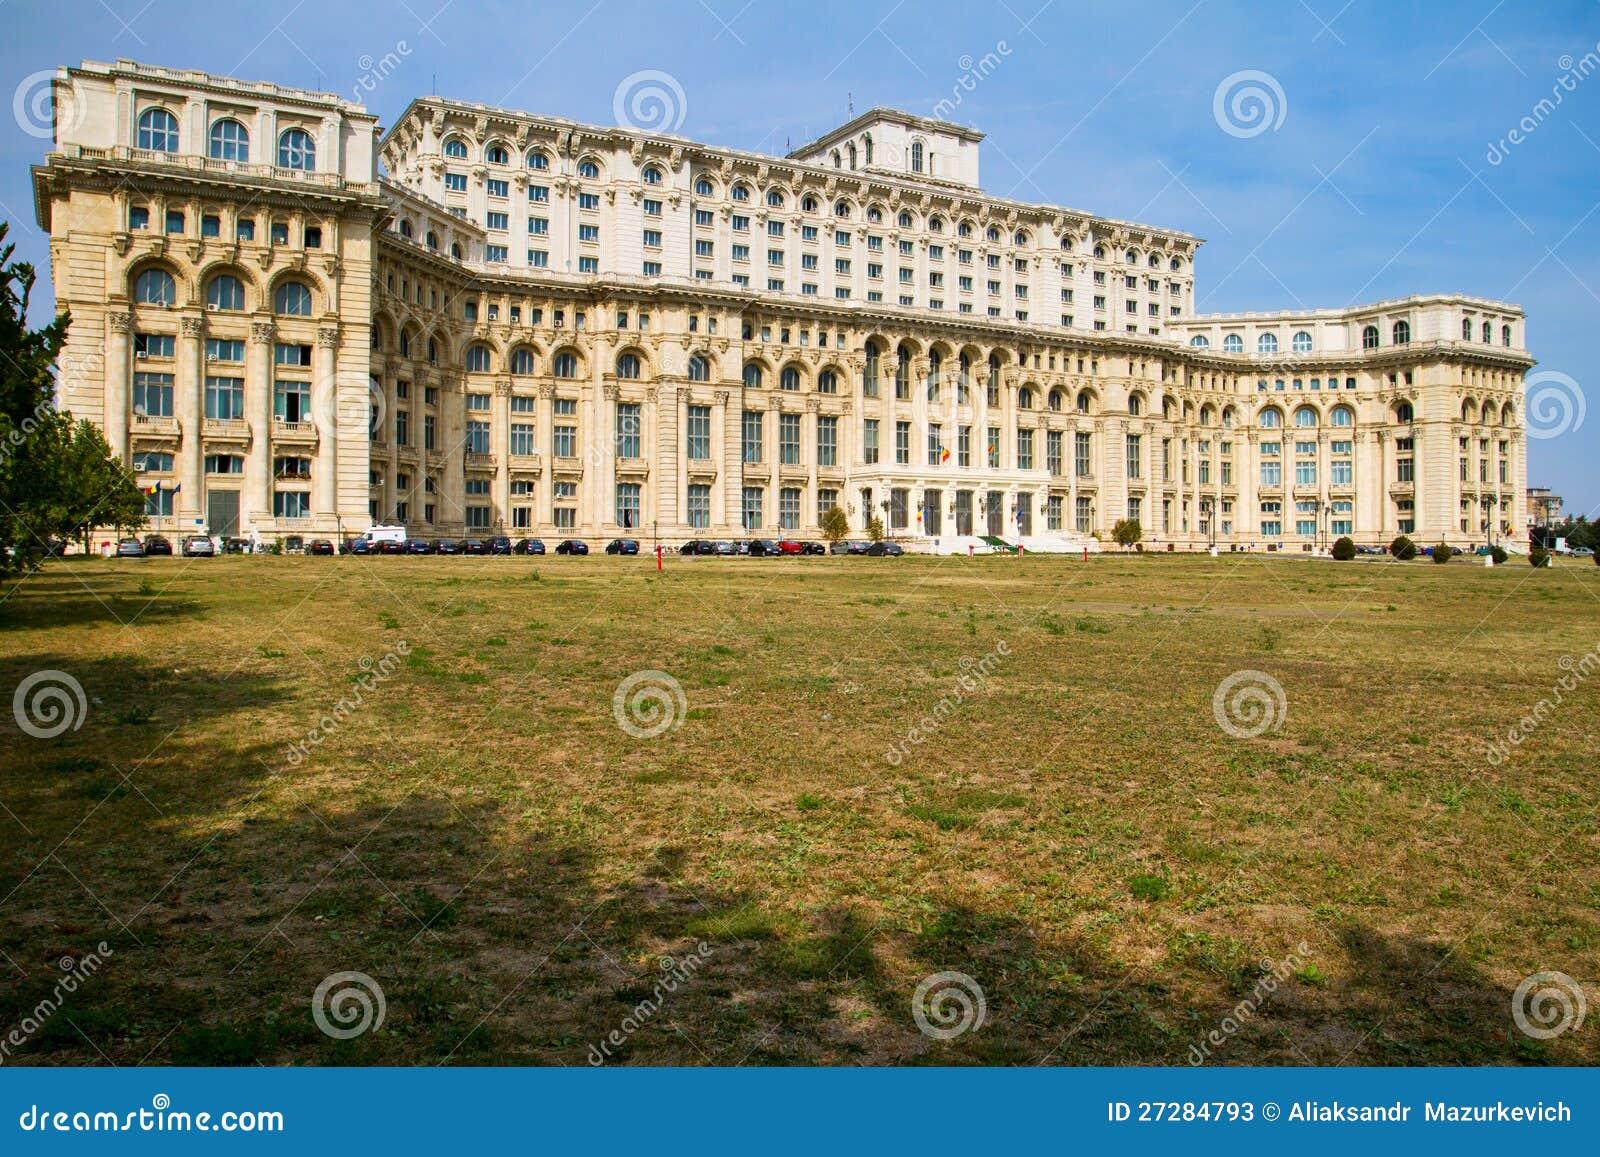 Slott av parlamentet